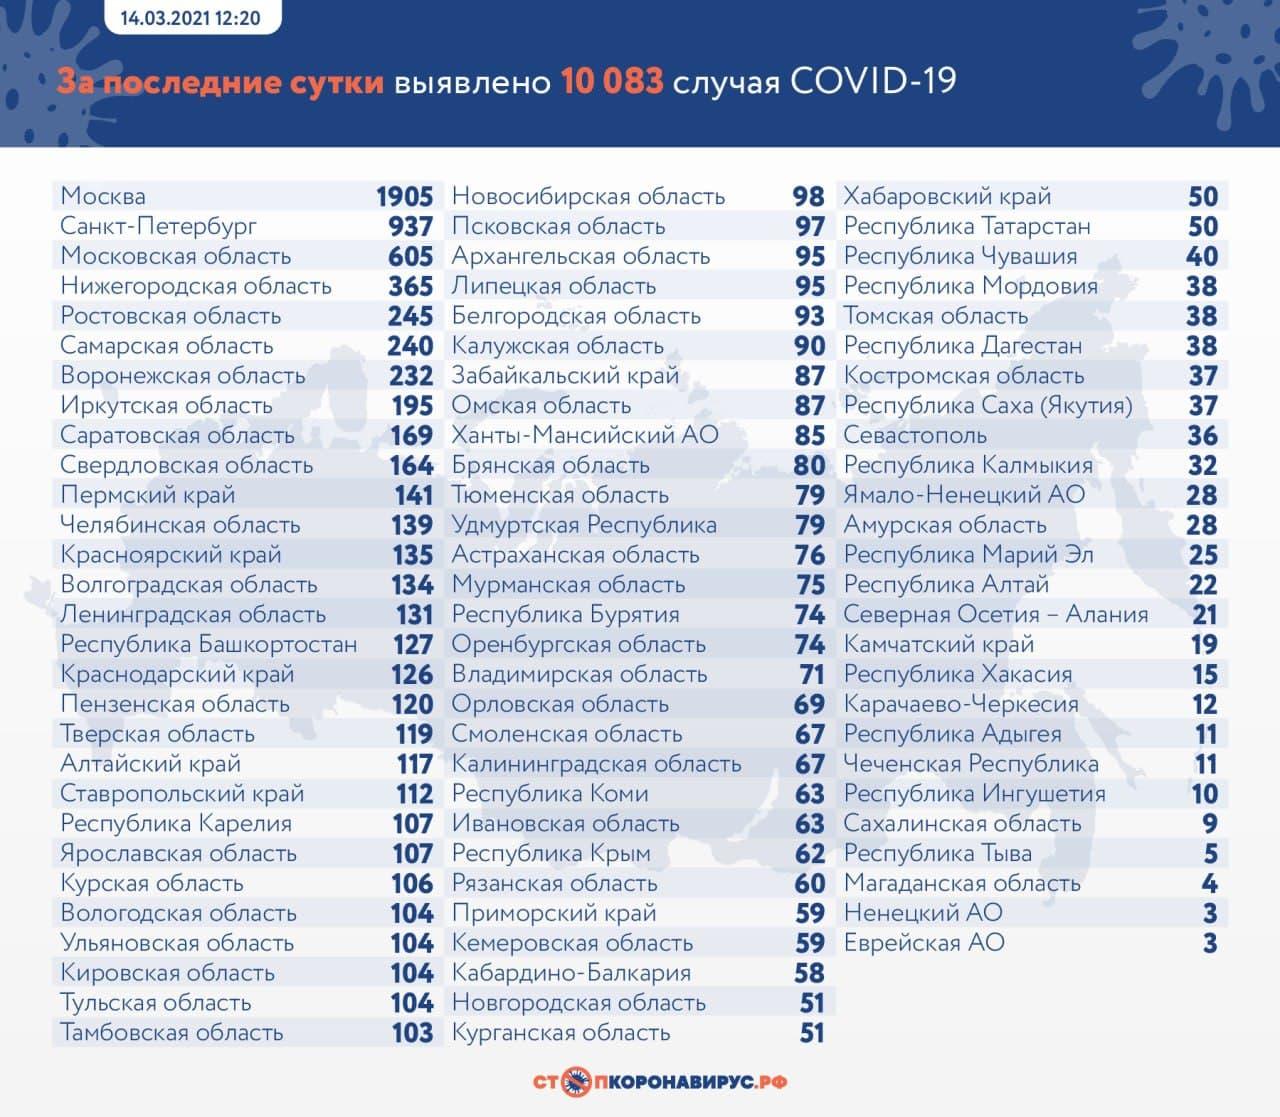 Более 10 тысяч случаев коронавируса выявили в России за минувшие сутки